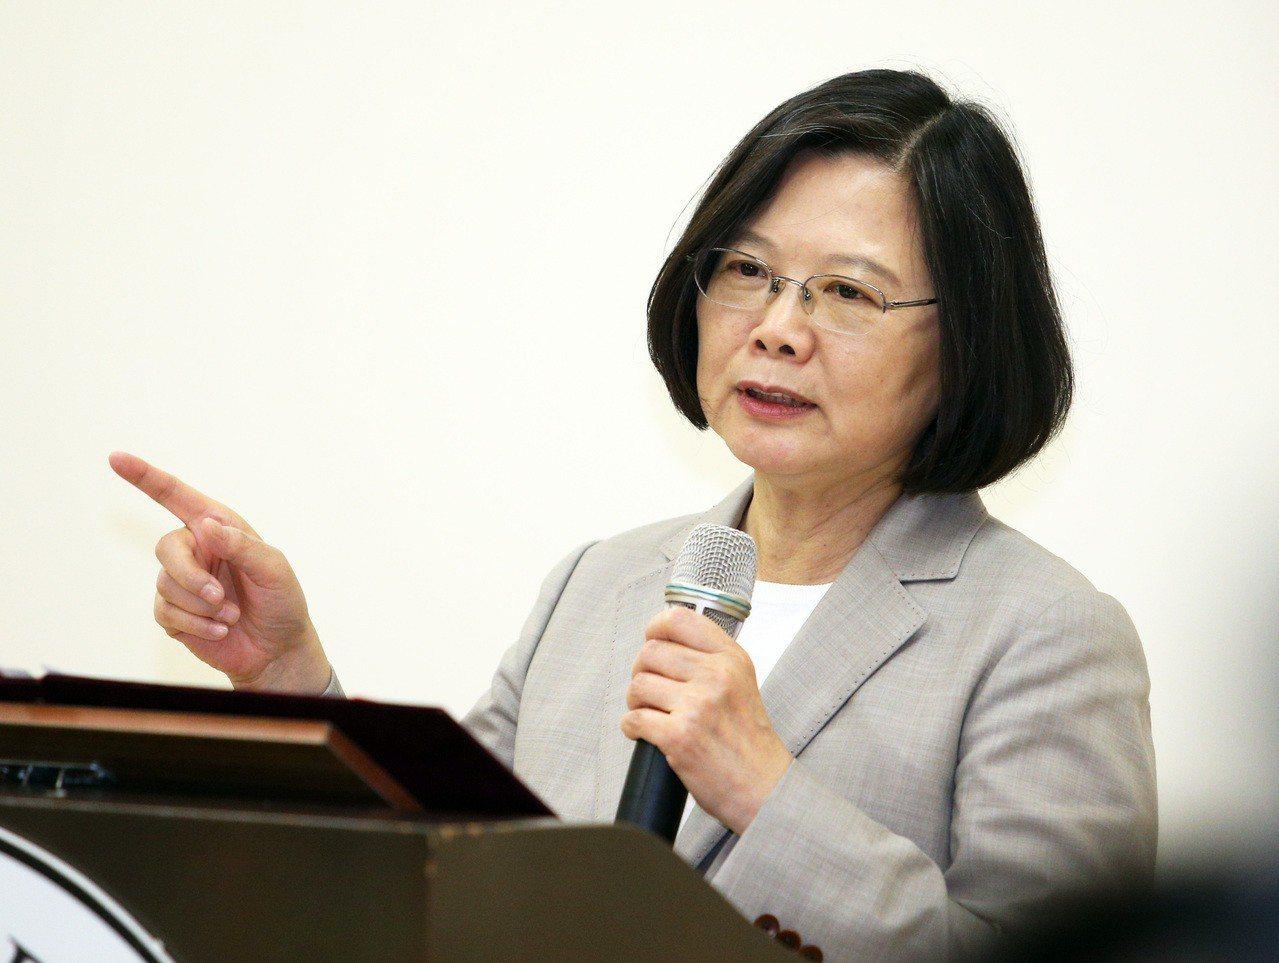 新台灣國策智庫民調顯示,近6成國人不支持蔡英文連任。 圖/聯合報系資料照片